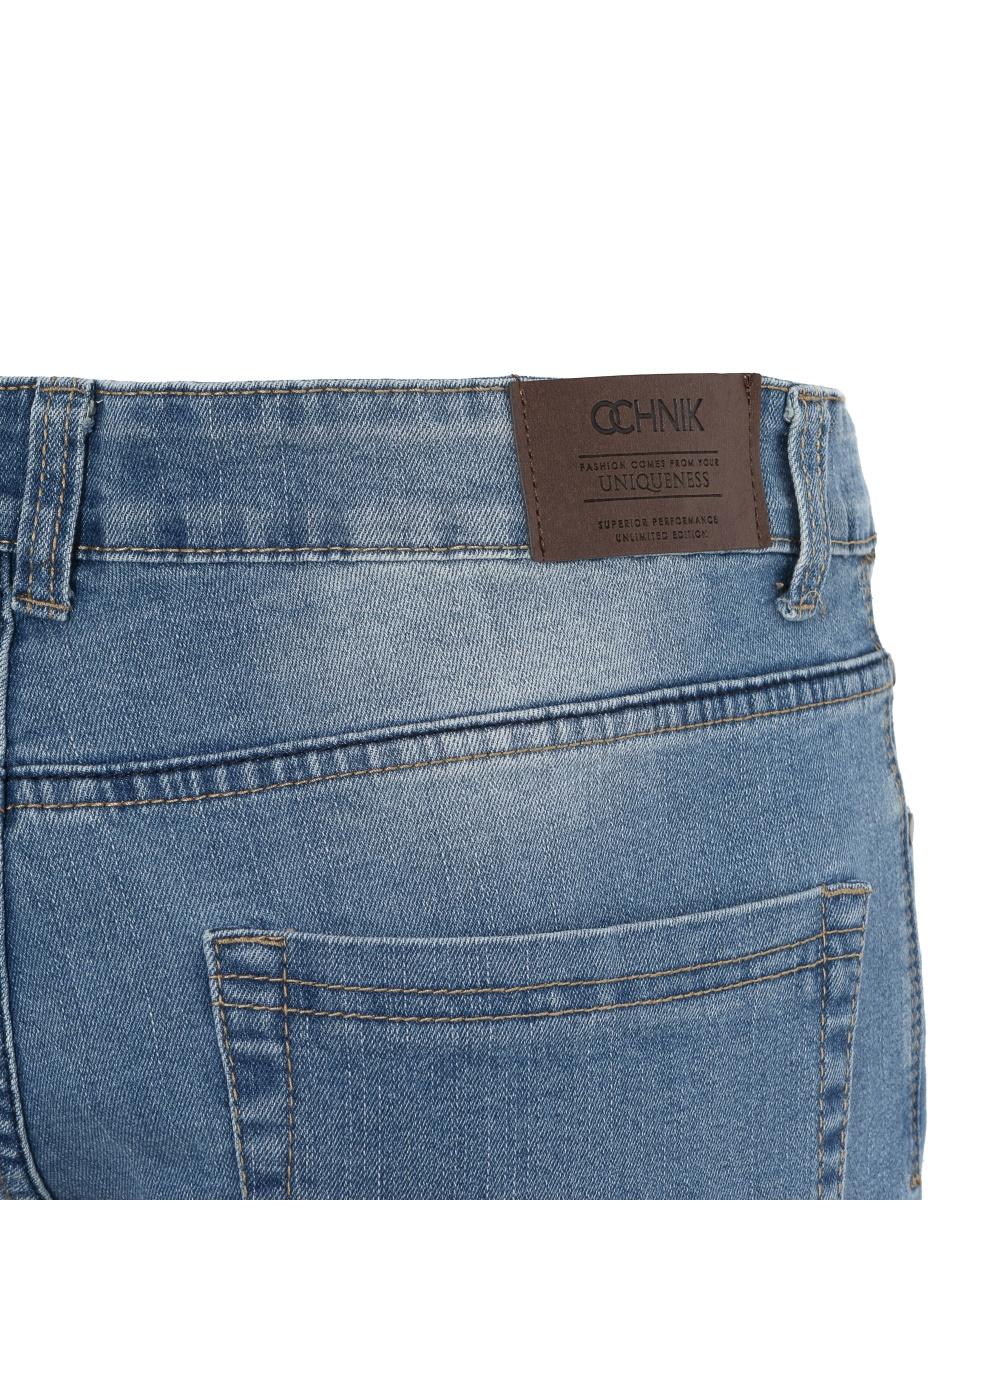 Spodnie męskie JEAMT-0008-61(W20)